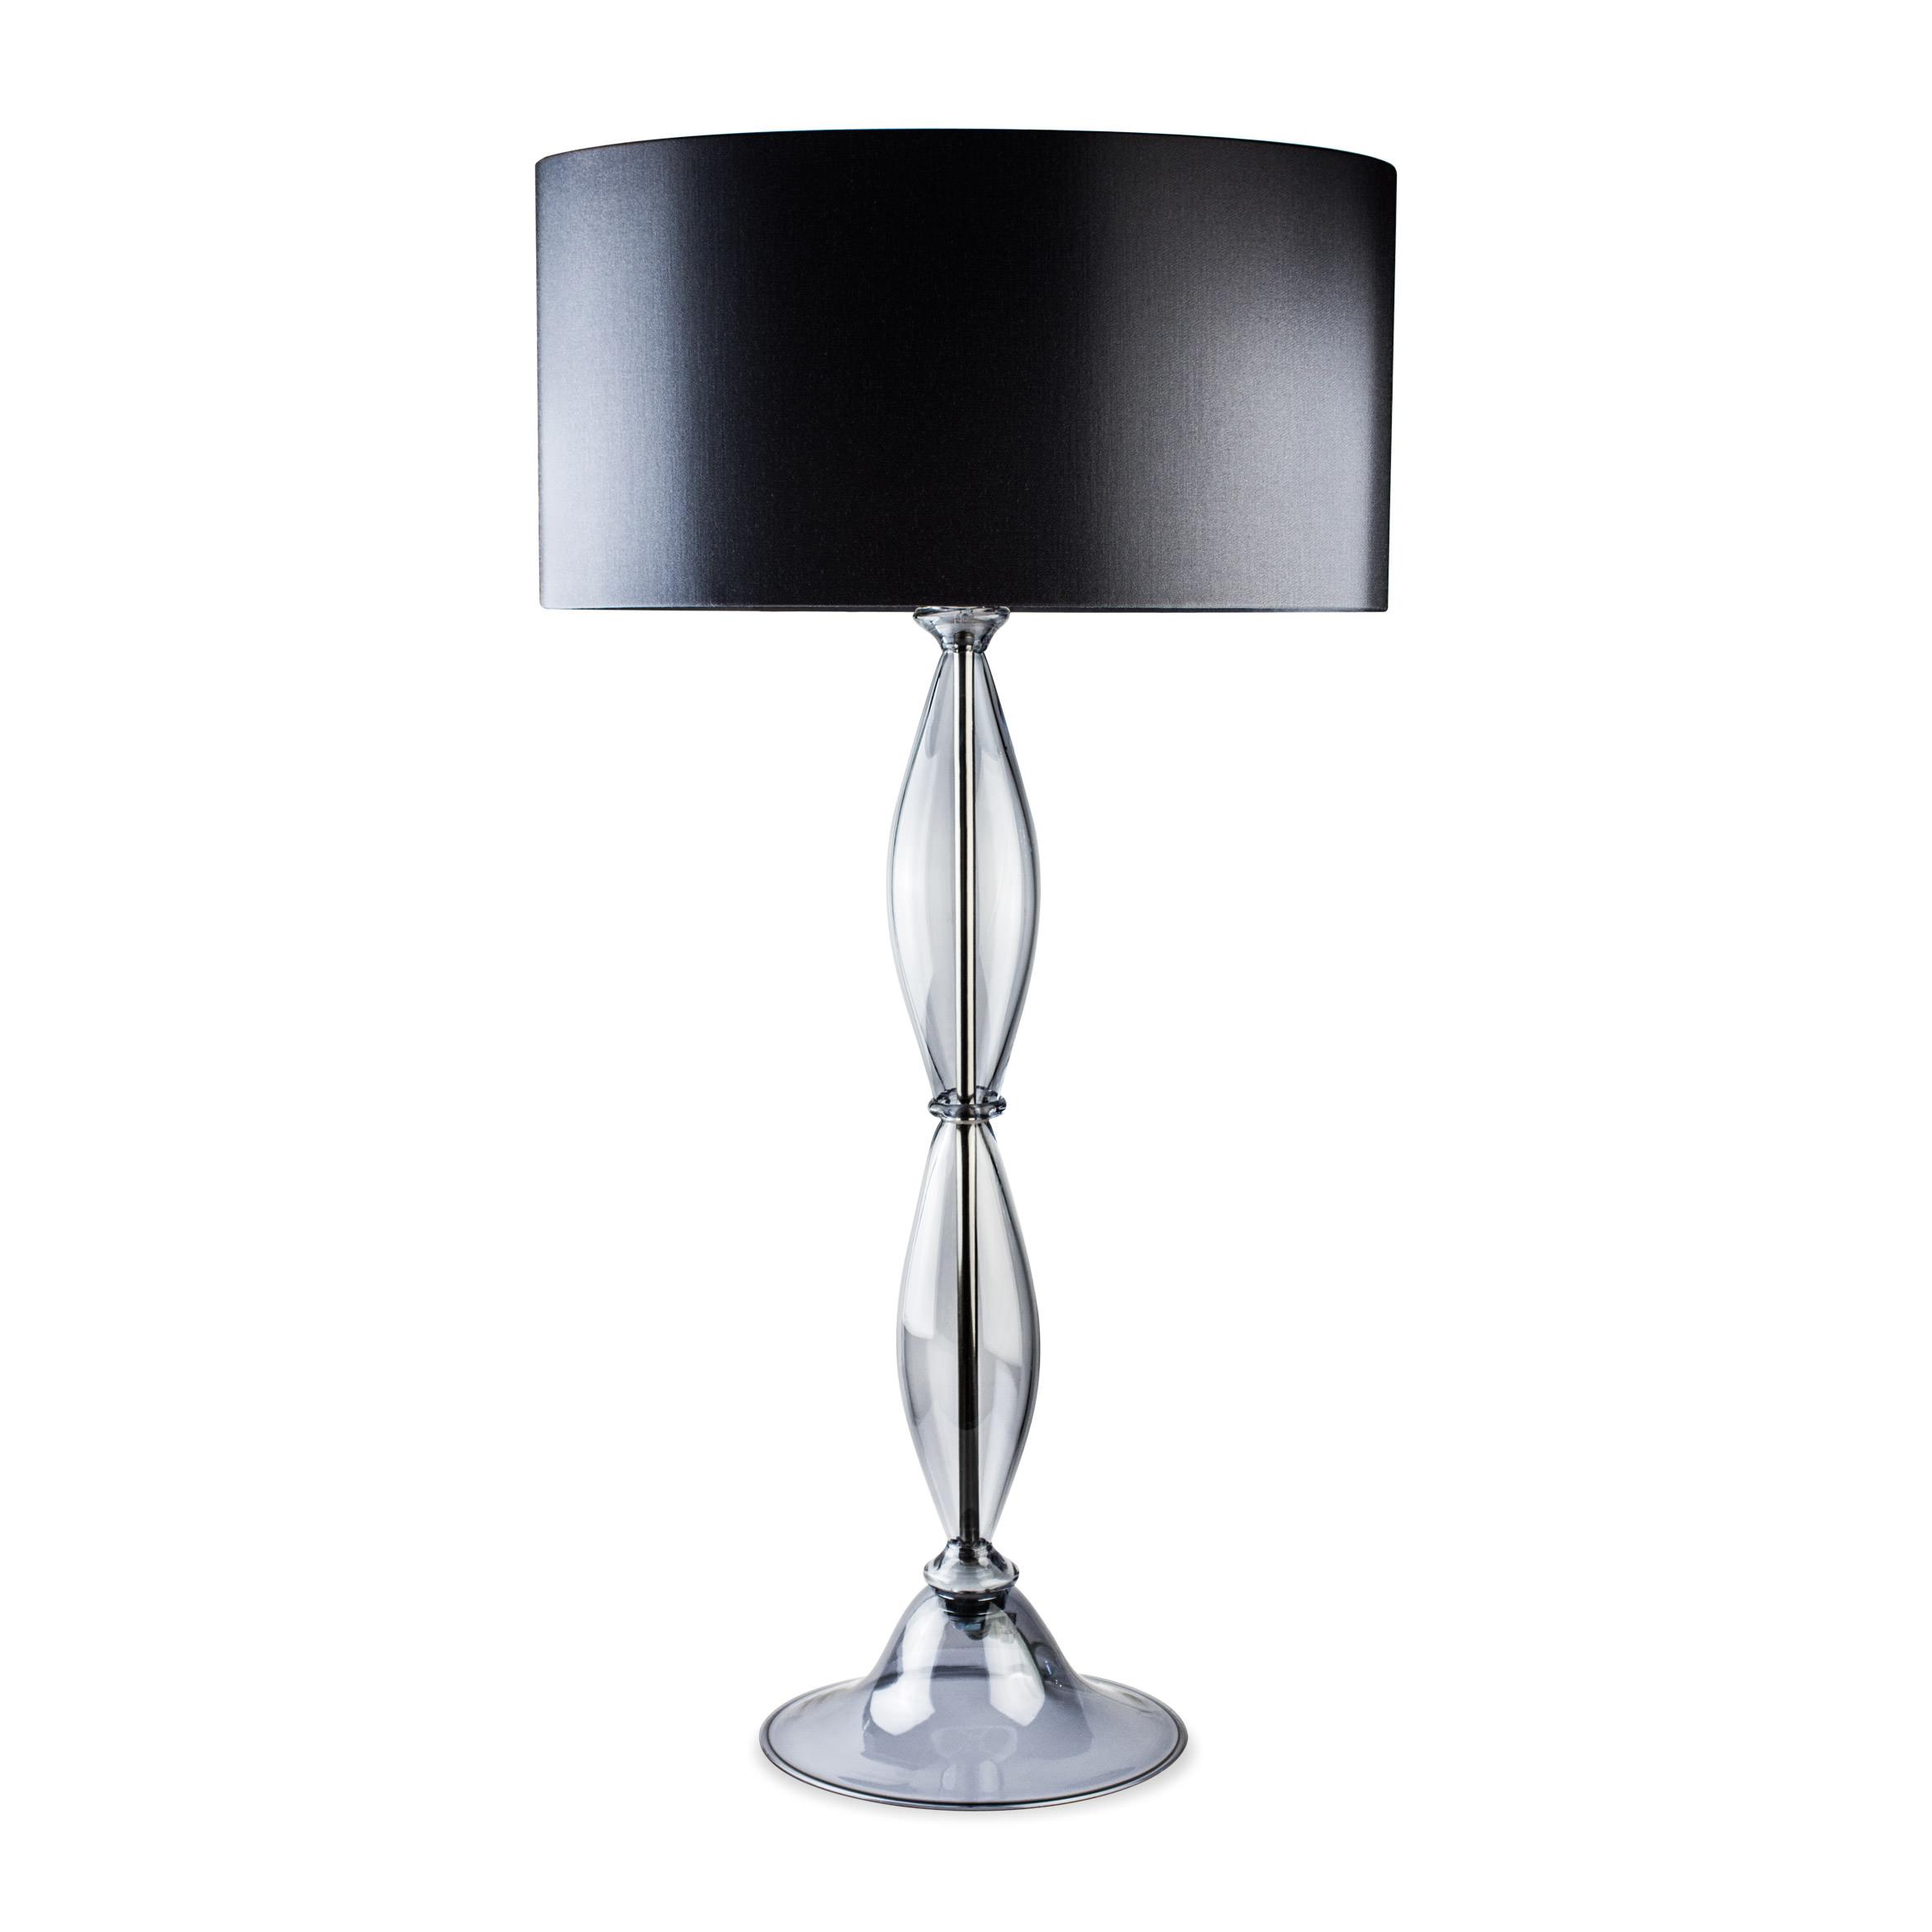 Villaverde London LUNA Murano Table Lamp Square